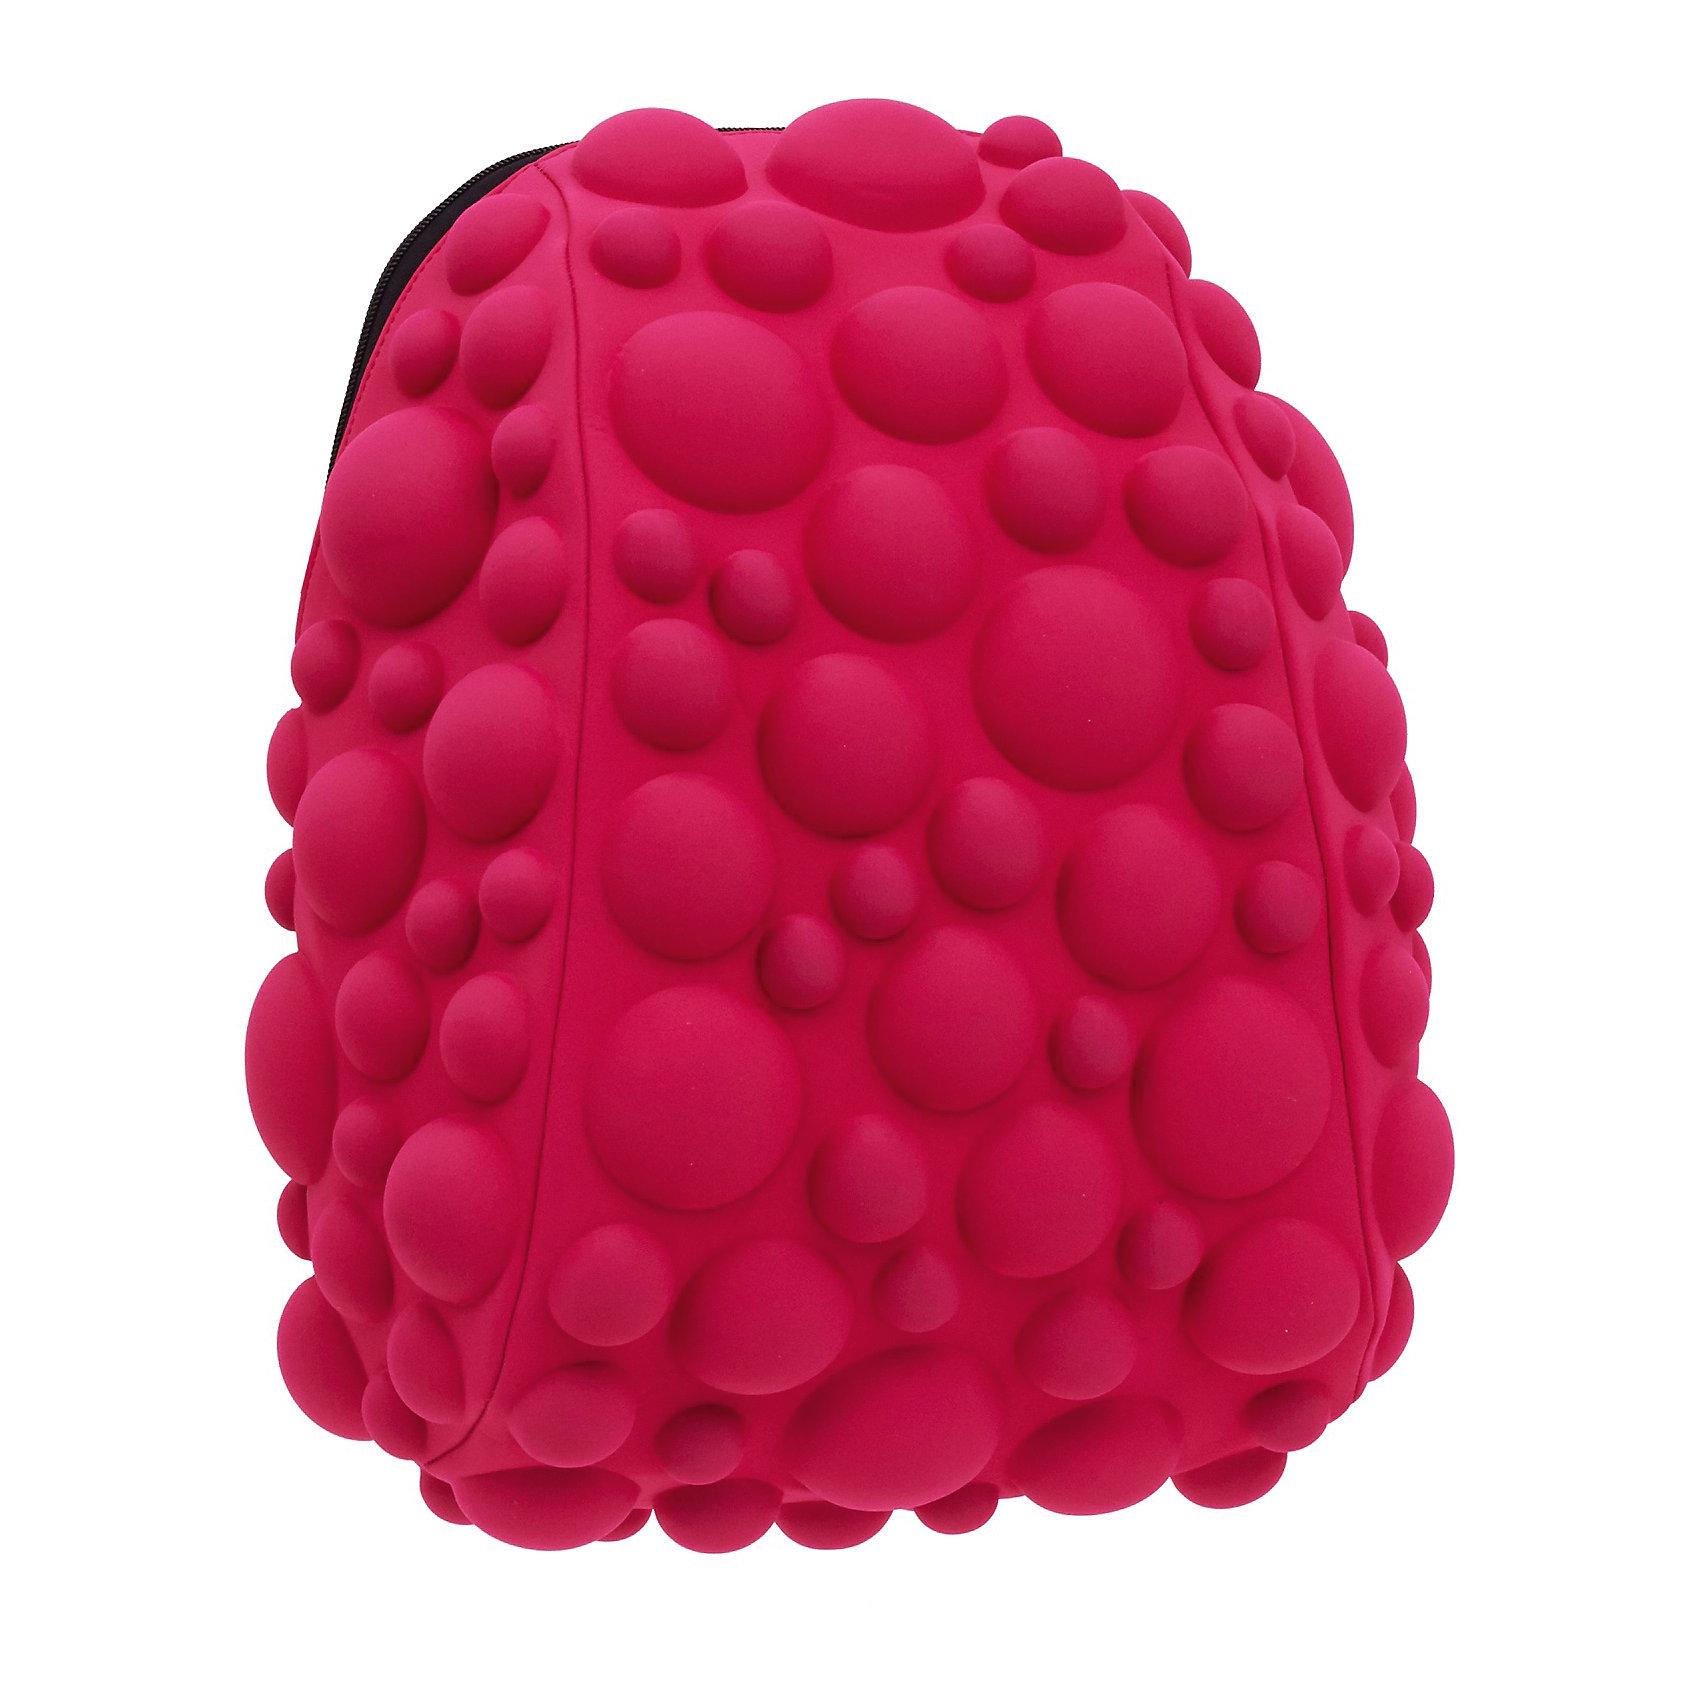 Рюкзак Bubble Half, цвет NEON розовыйЛегкий и вместительный рюкзак с одним основным отделением с застежкой на молниии. В основное отделение с легкостью входит ноутбук  размером диагонали 13 дюймов, iPad и формат А4. Незаменимый аксессуар как для активного городского жителя, так и для школьников и студентов. Широкие лямки можно регулировать для наиболее удобной посадки, а мягкая ортопедическая спинка делает ношение наиболее удобным и комфортным.<br><br>Ширина мм: 36<br>Глубина мм: 31<br>Высота мм: 15<br>Вес г: 600<br>Возраст от месяцев: 84<br>Возраст до месяцев: 420<br>Пол: Женский<br>Возраст: Детский<br>SKU: 5344321